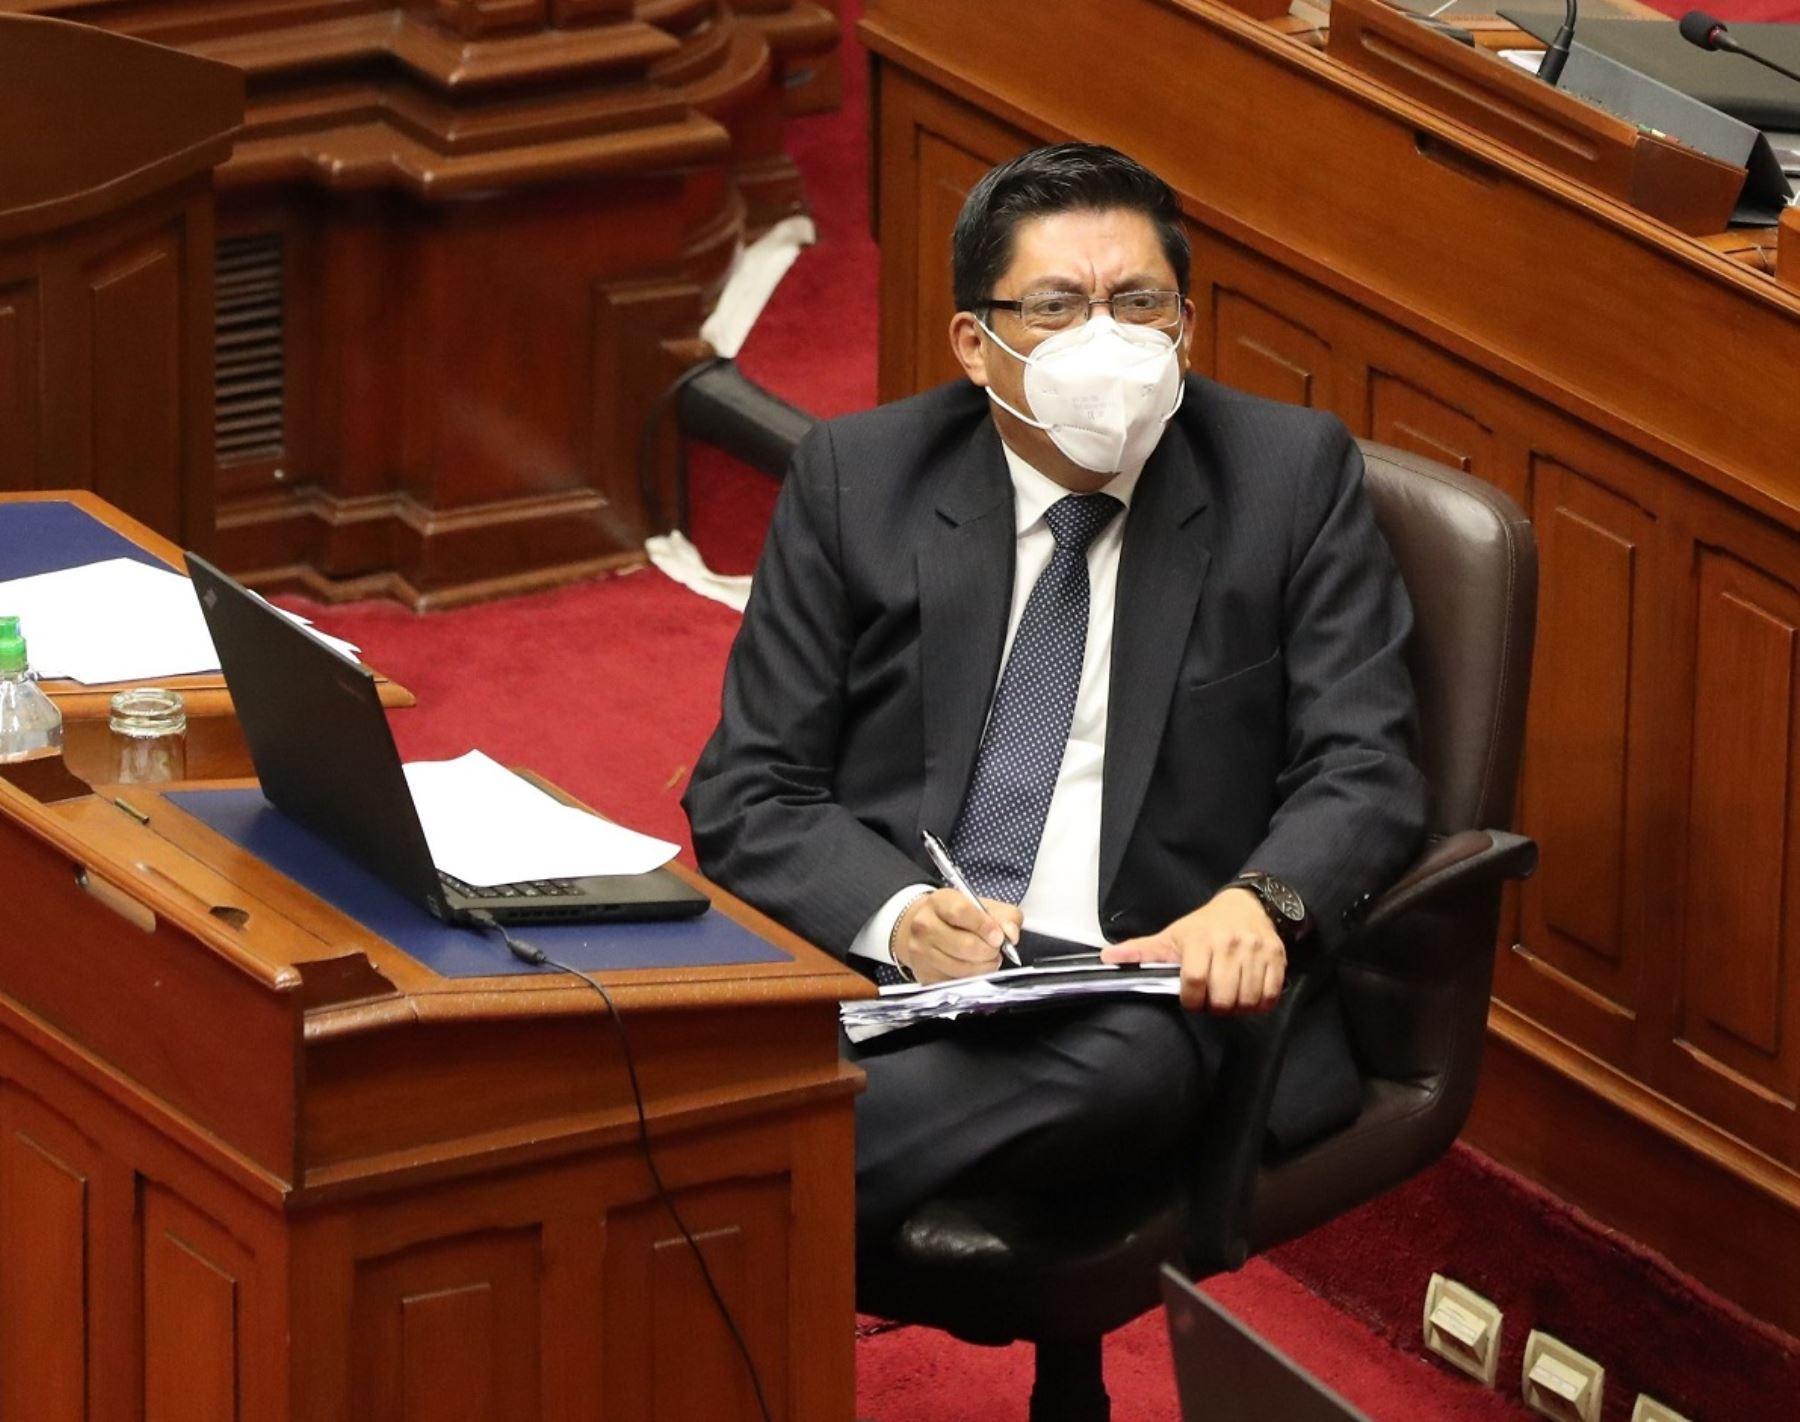 Jefe del Gabinete Ministerial, Vicente Zeballos, participa en sesión virtual del pleno del Congreso.